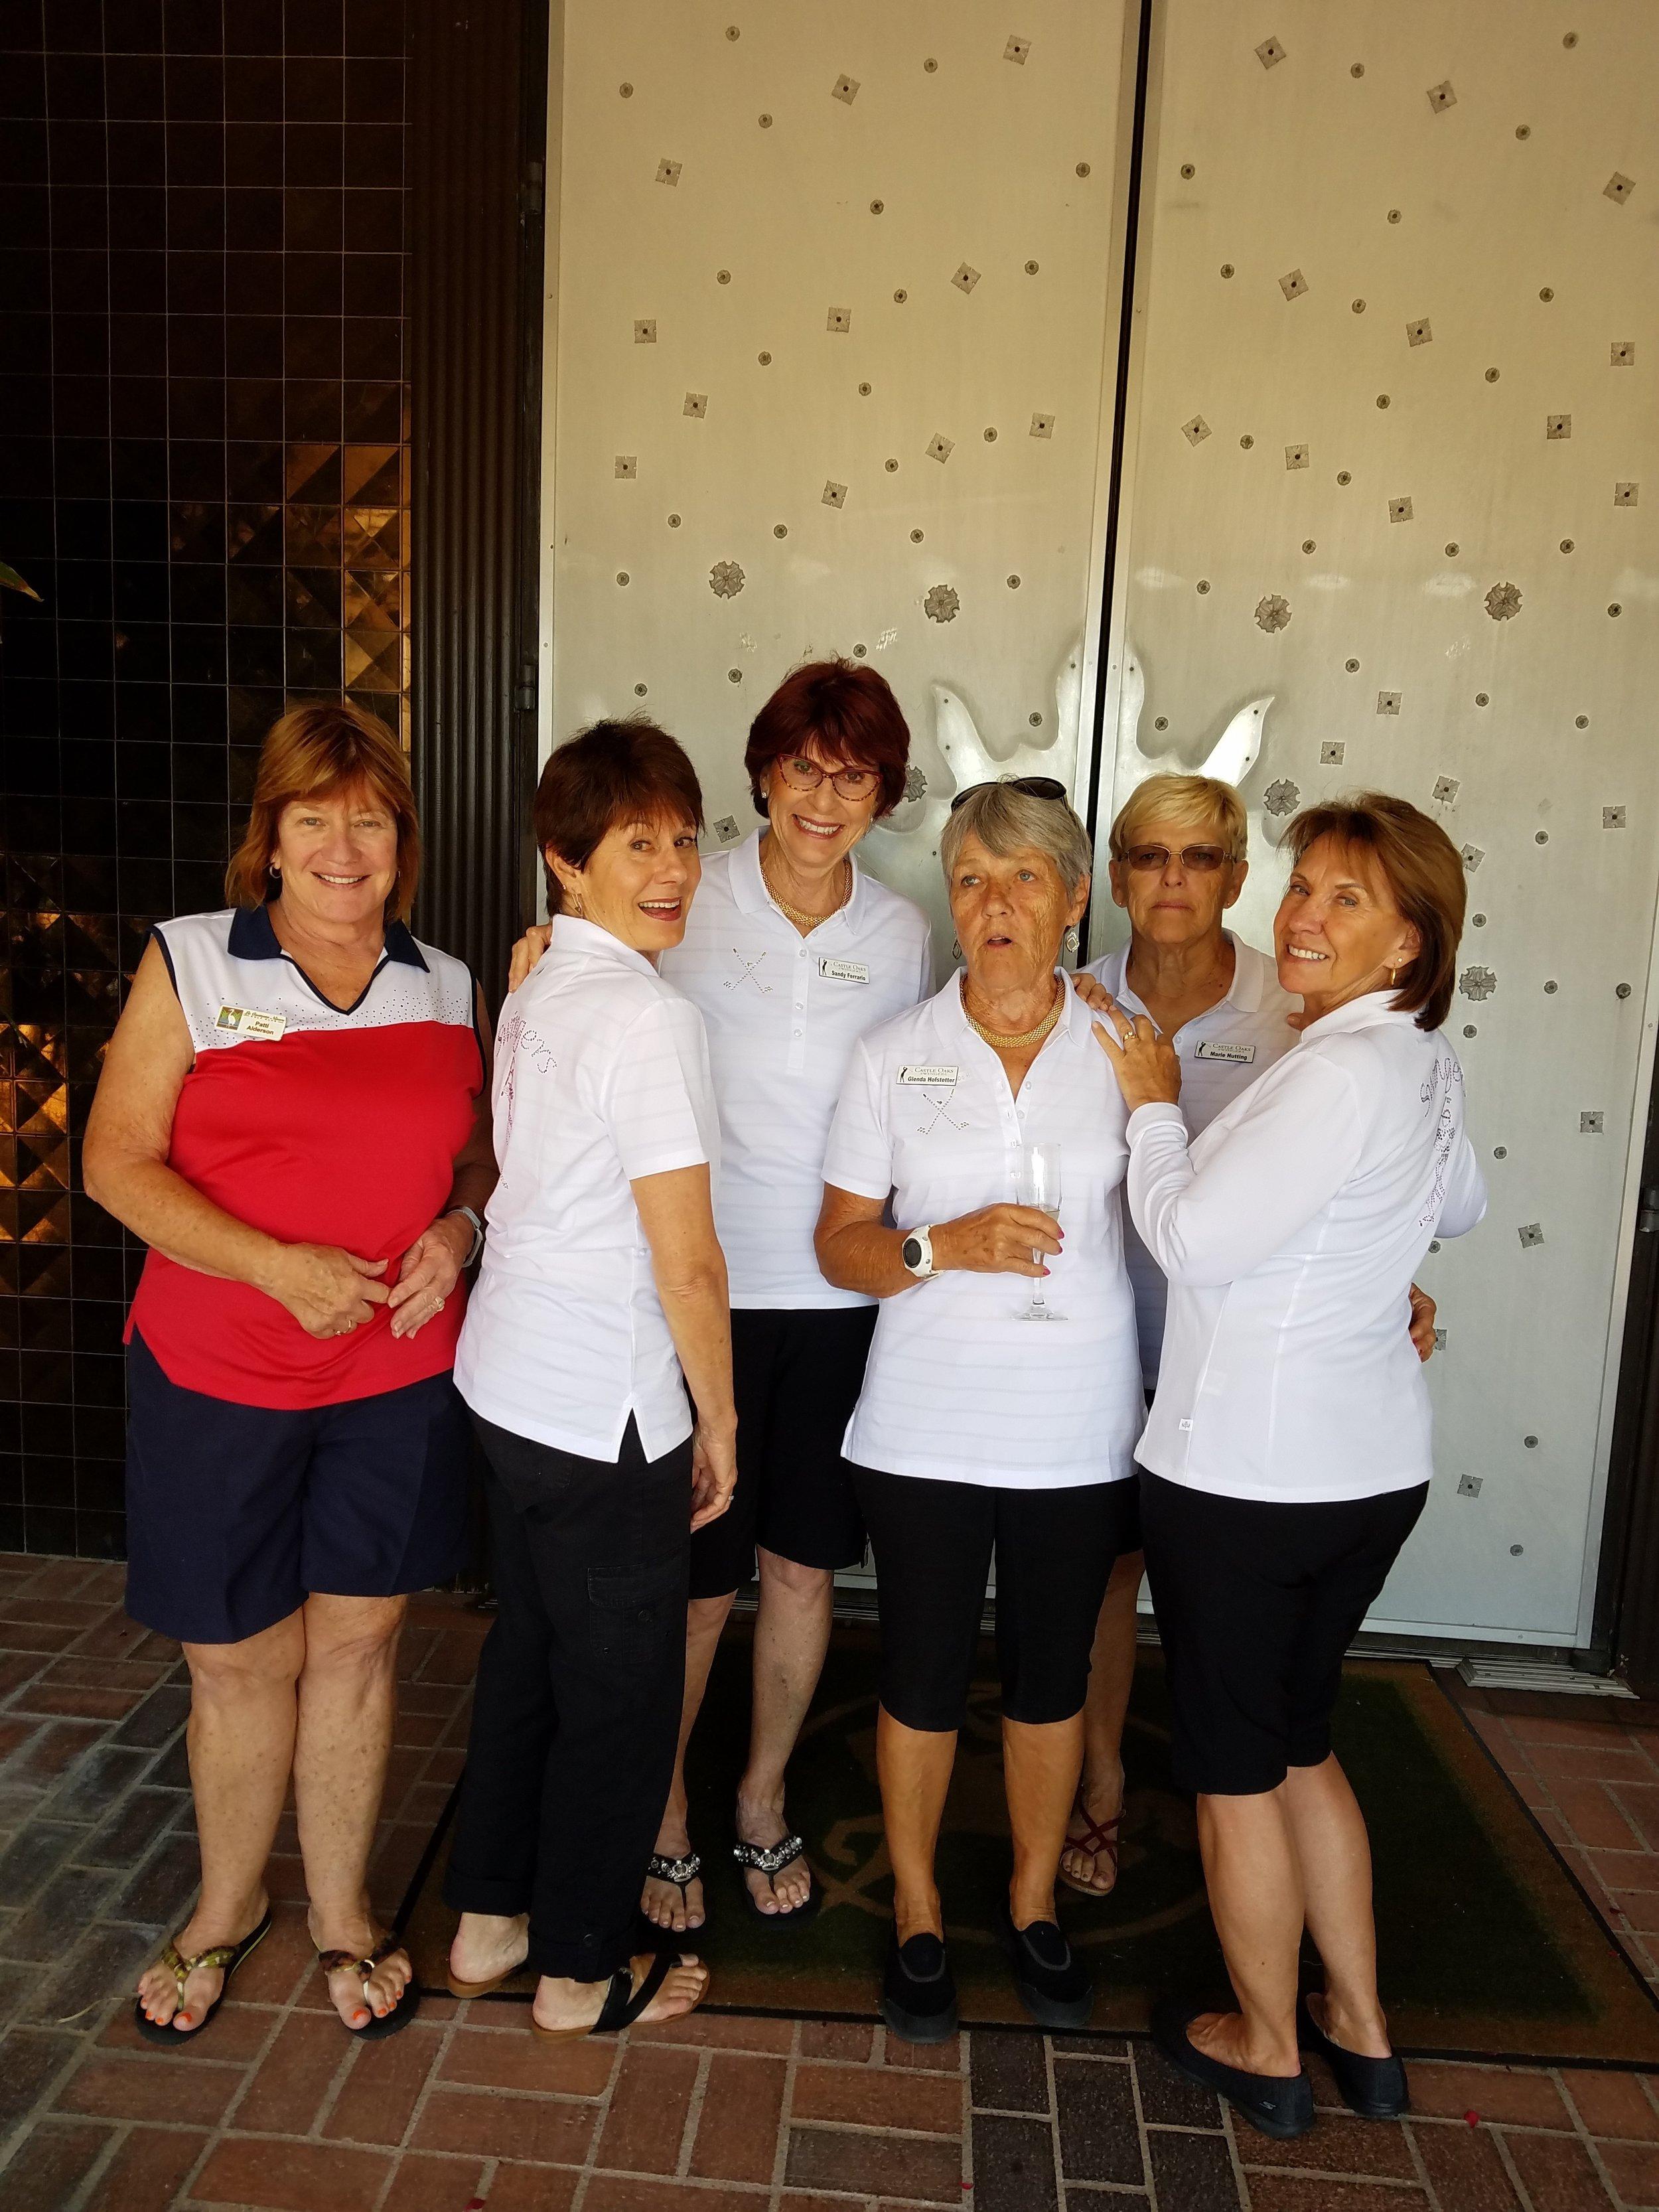 Left to right are: Patti Alderson, Sue Lagomarsino, Sandy Ferrario, Glenda Hoffstetter, Marie Nutting and Conni Warren.